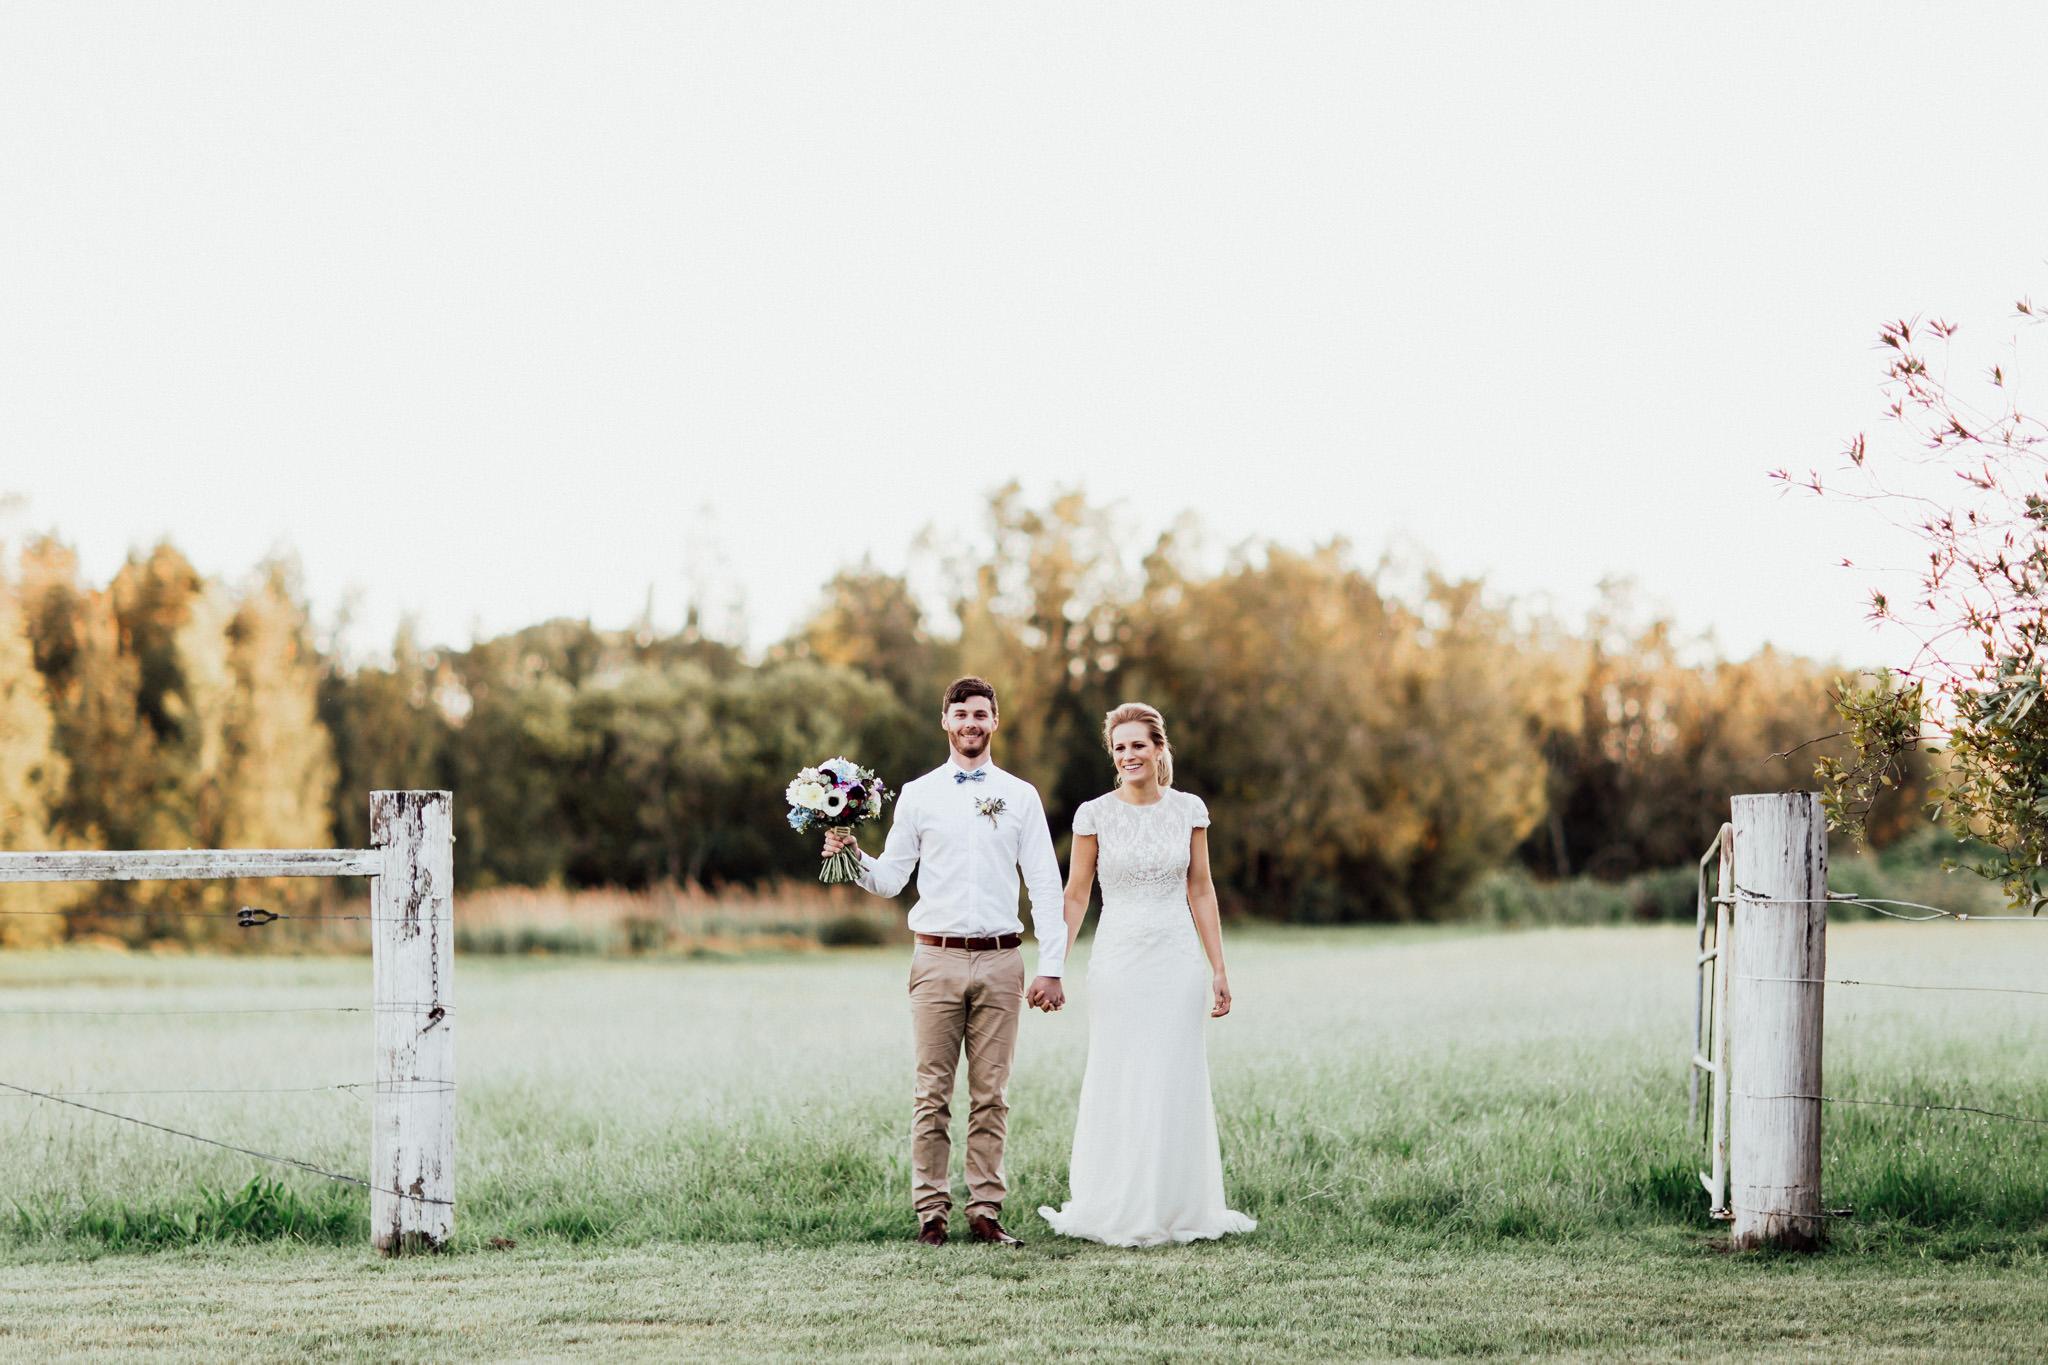 WeddingPhotos_Facebook_2048pixels-1691.jpg